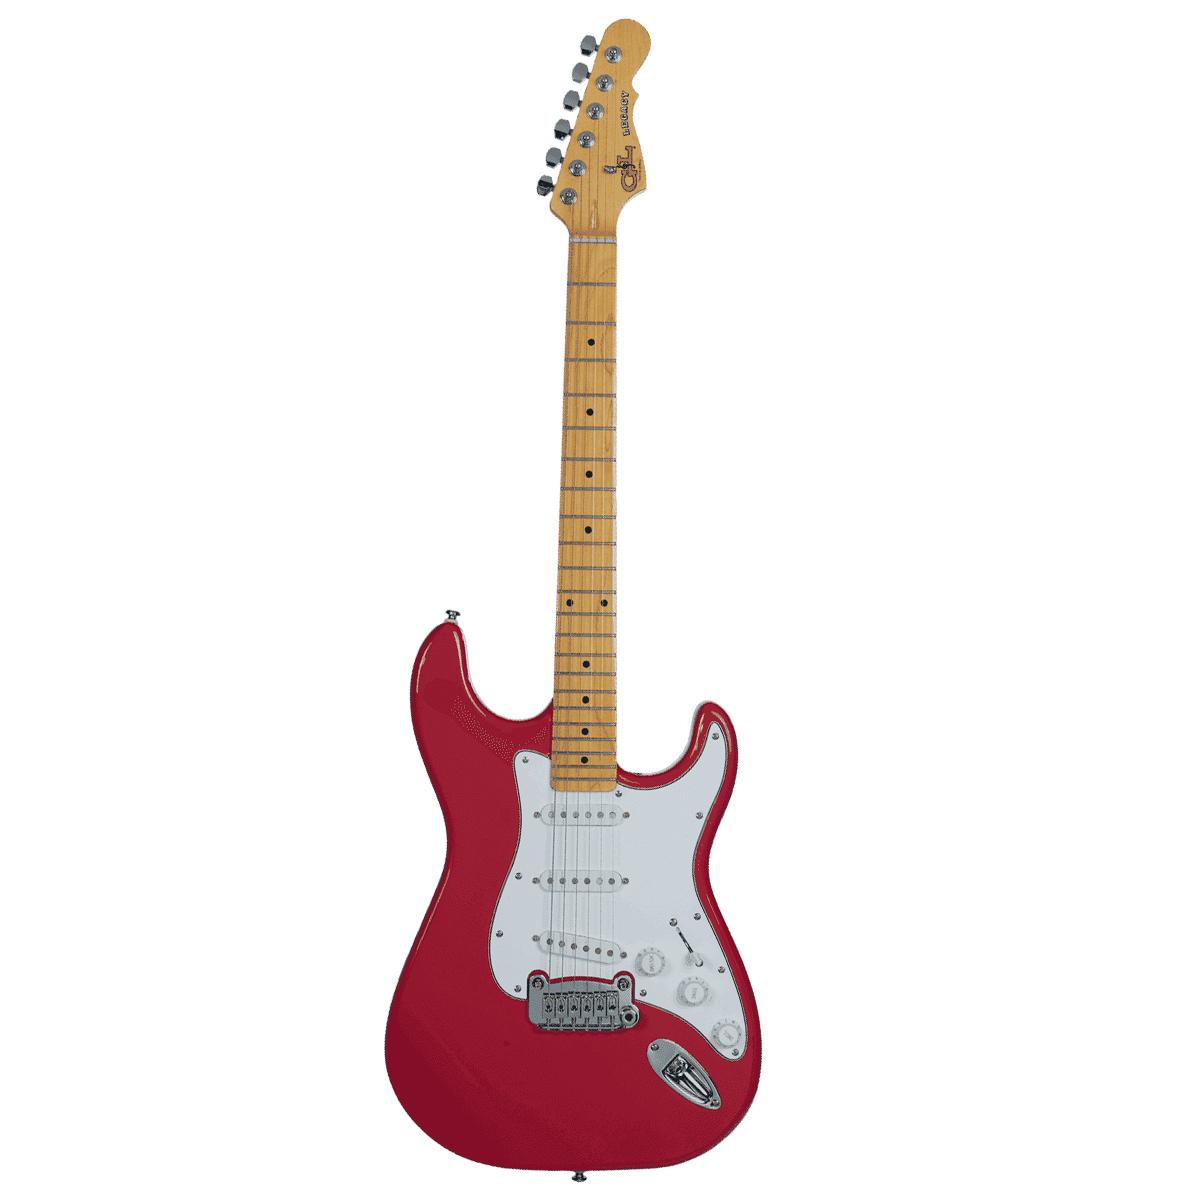 GandL - Tribute Legacy Rouge - Guitare électrique